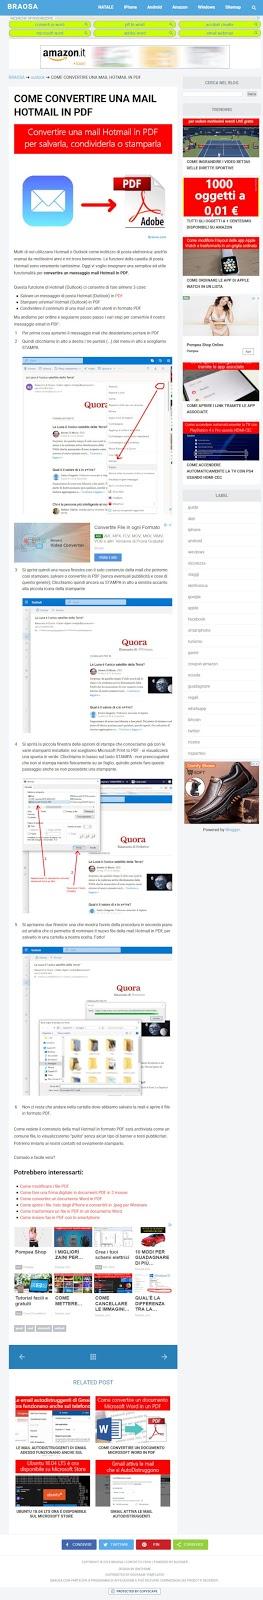 Esempio pagina di un articolo da leggere e stampare